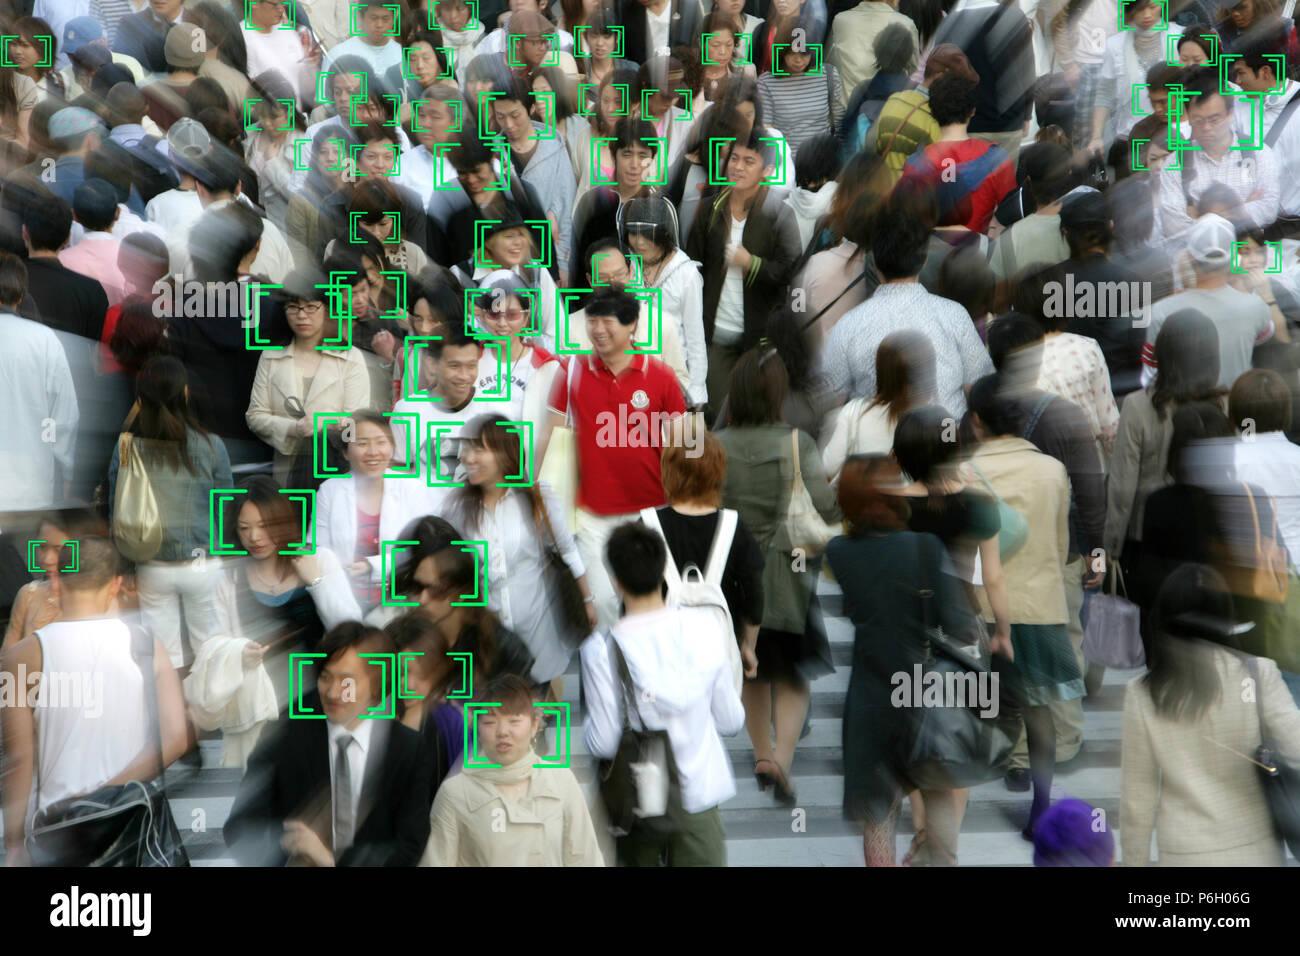 Face detection, surveillance, camera image, face tracking, symbolic image, Stock Photo